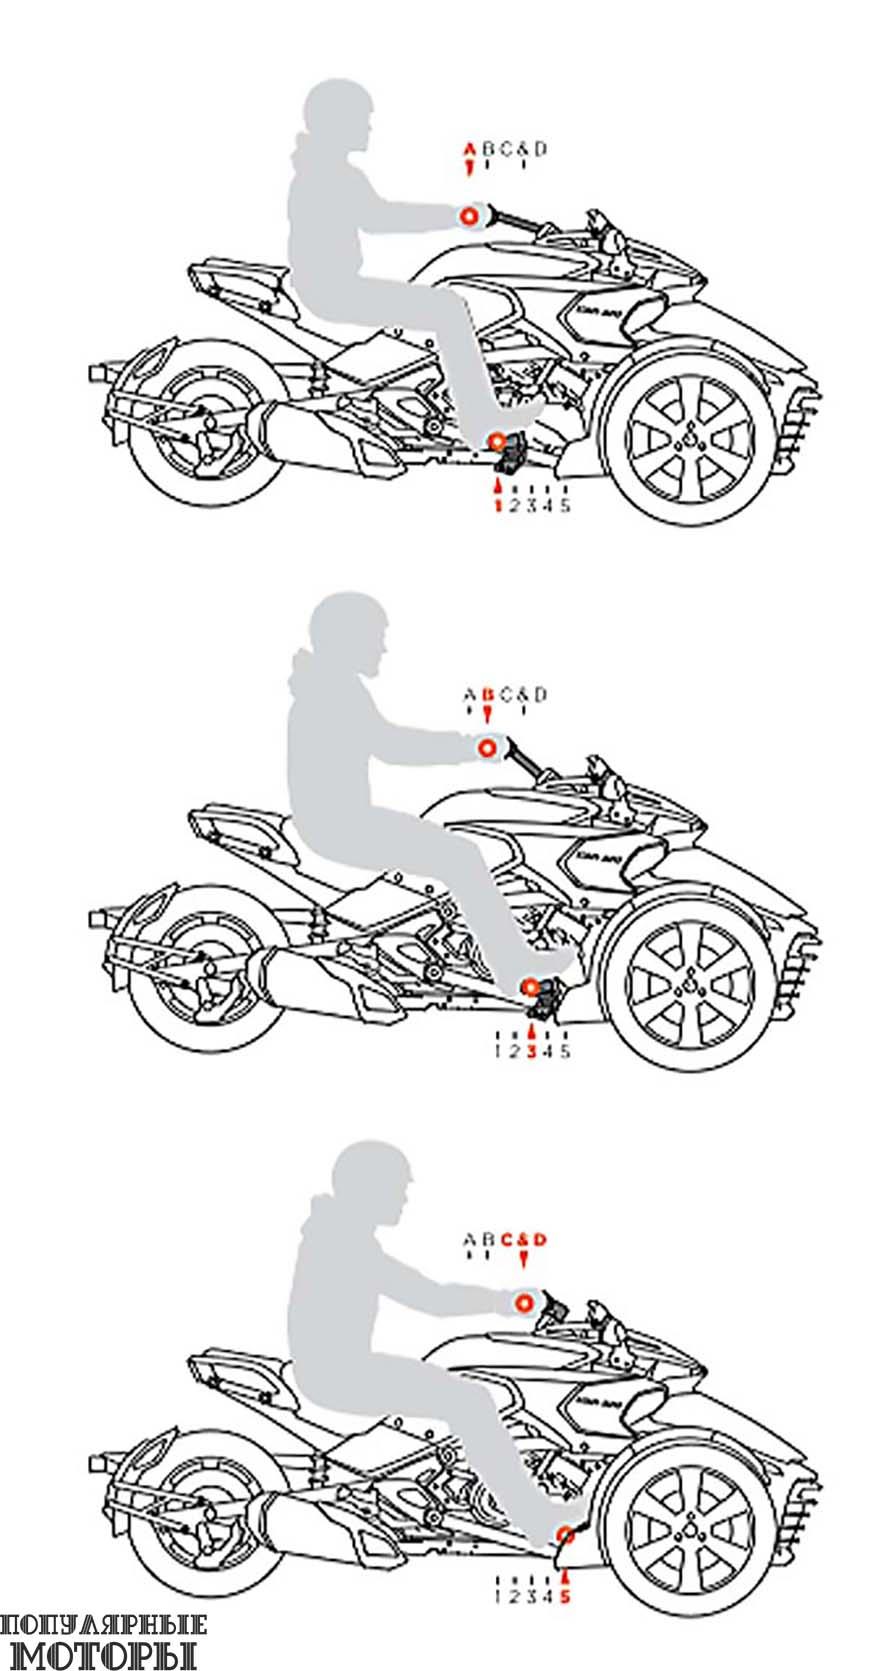 Этот рисунок прекрасно демонстрирует возможности настройки водительской посадки. Для подножек предусмотрено пять положений, и разница даже между соседними позициями довольно ощутима. Для руля тоже есть несколько положений с разной высотой и углом.